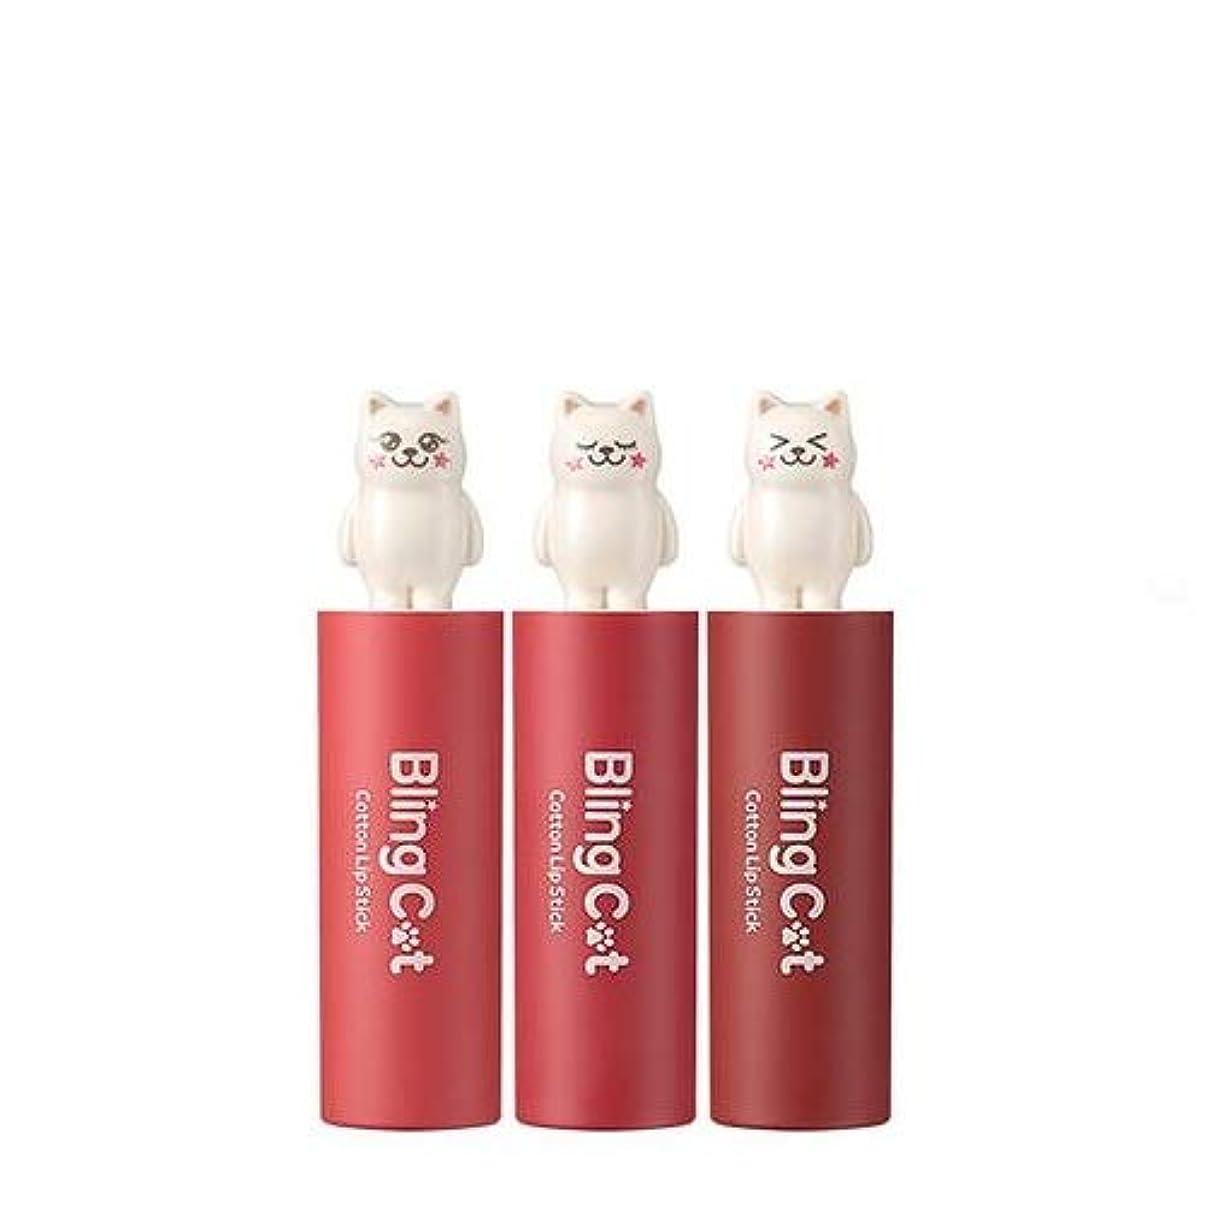 アイデア教育者癌トニーモリー ブリングキャット コットン リップスティック 3.4g / TONYMOLY Bling Cat Cotton Lipstick # 04. Little Coral [並行輸入品]